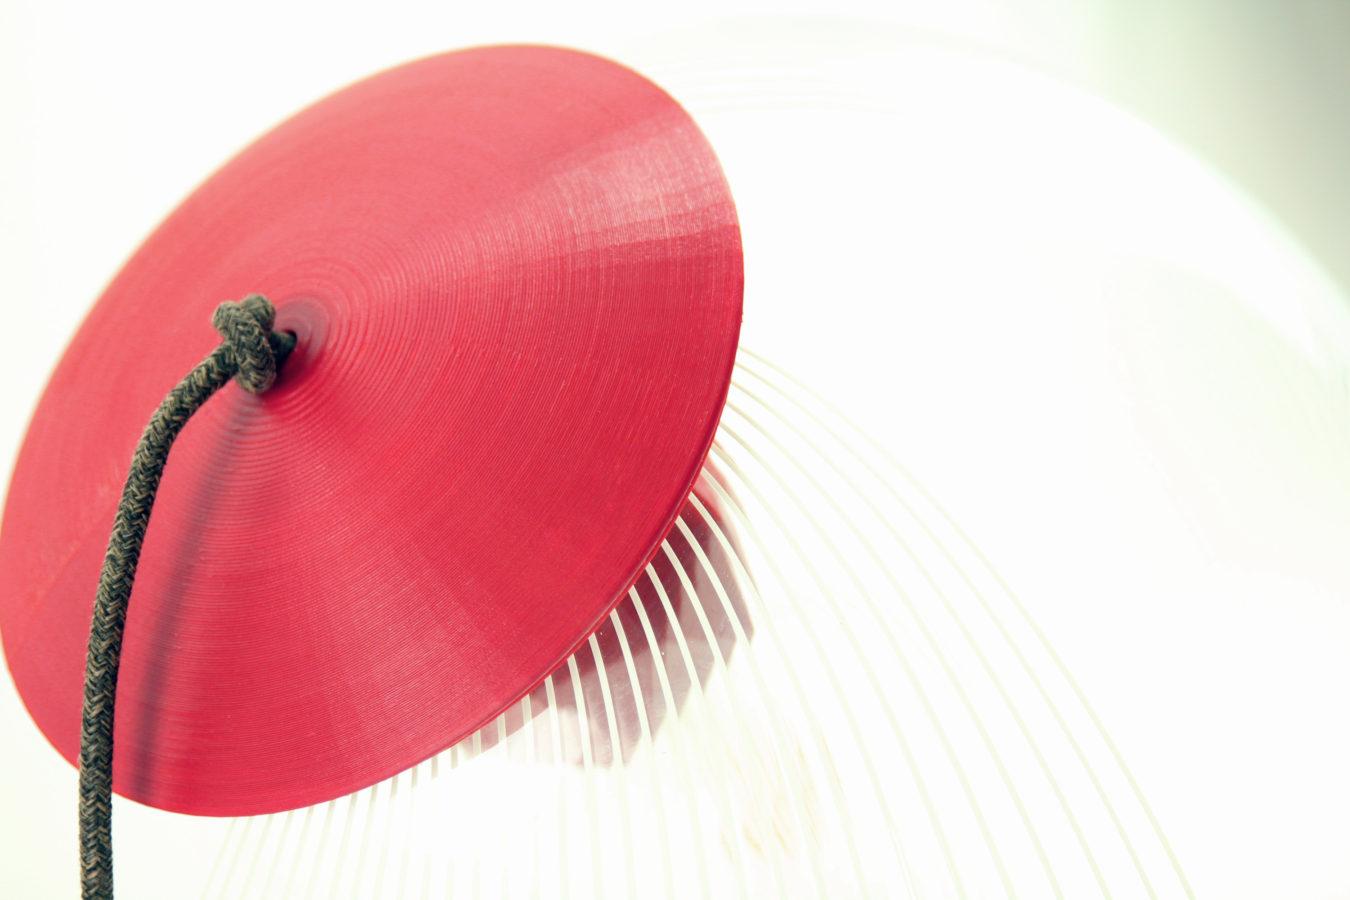 Kippot - Brignetti Longoni Design Studio - Seconda vita, riciclo, riuso, hacker, tradizione, innovazione, stampa 3d, autoproduzione, lampada, lampadario, antico, moderno, terra, tavolo, abs, cappello, kippah, ebrei, geometrie, dodecaedro, lampadina, paralume, vetro, base, cavo, elettrico, tessuto, decoro.